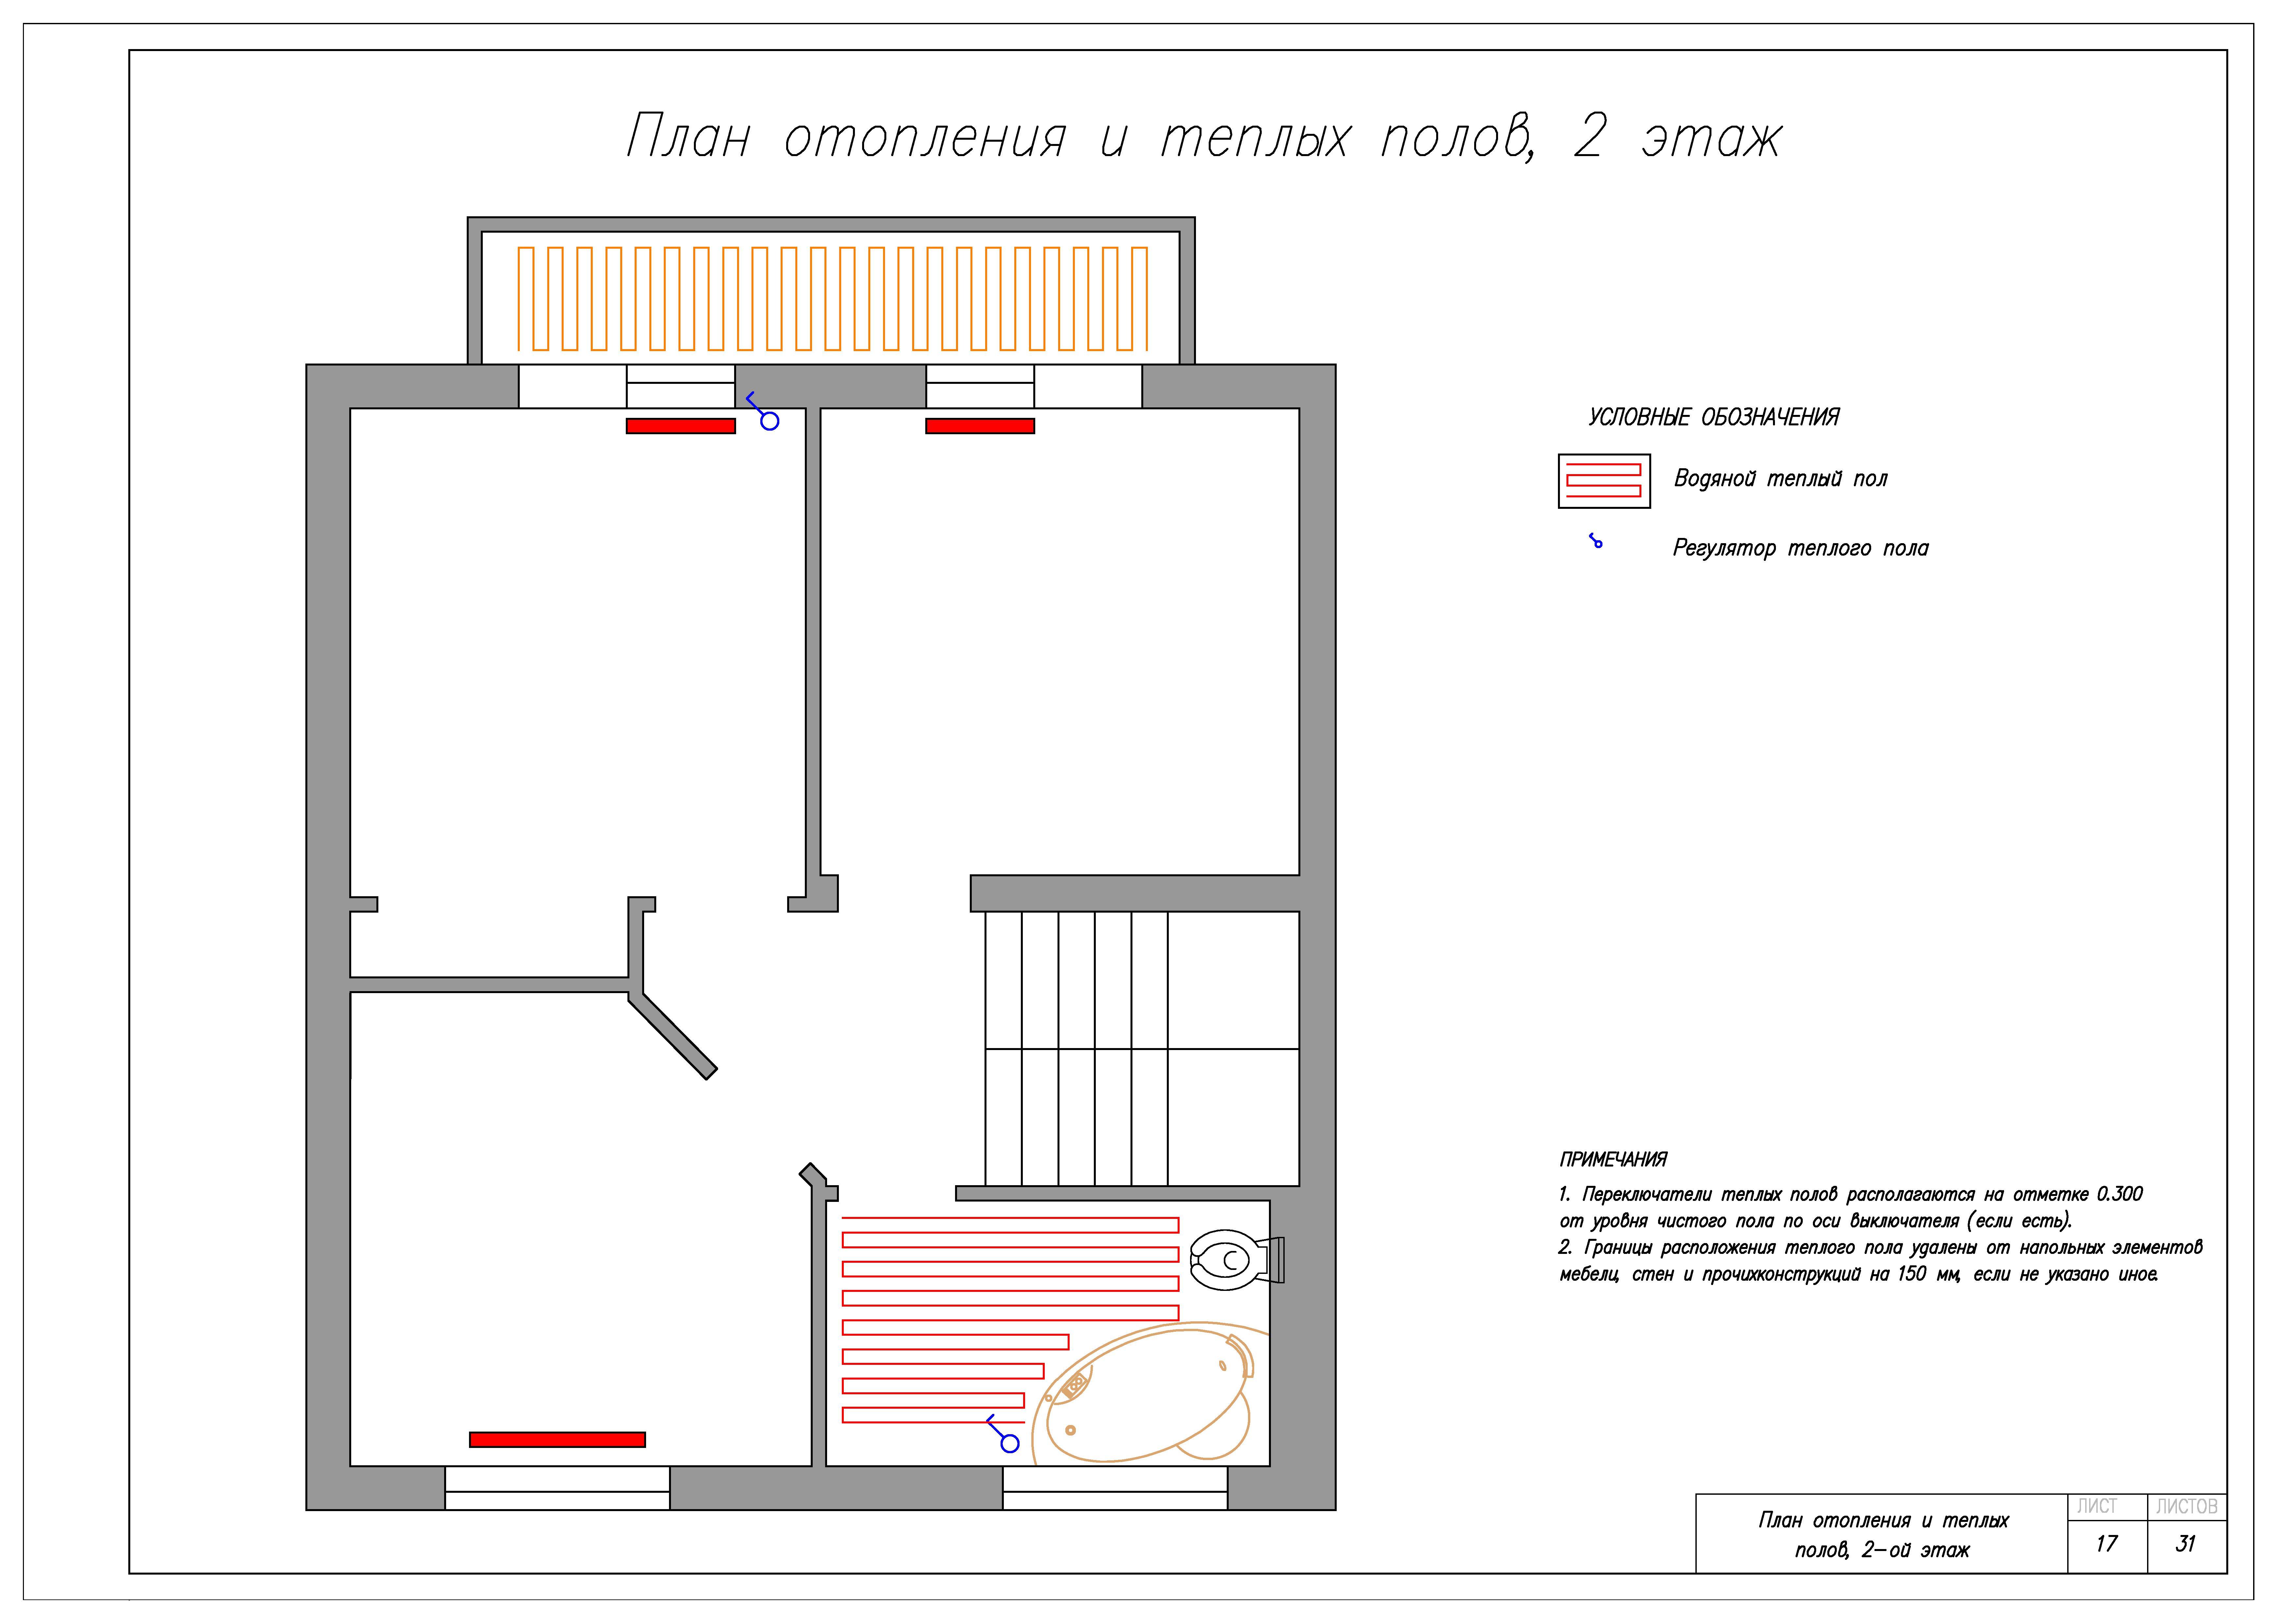 План отопления, 2 этаж